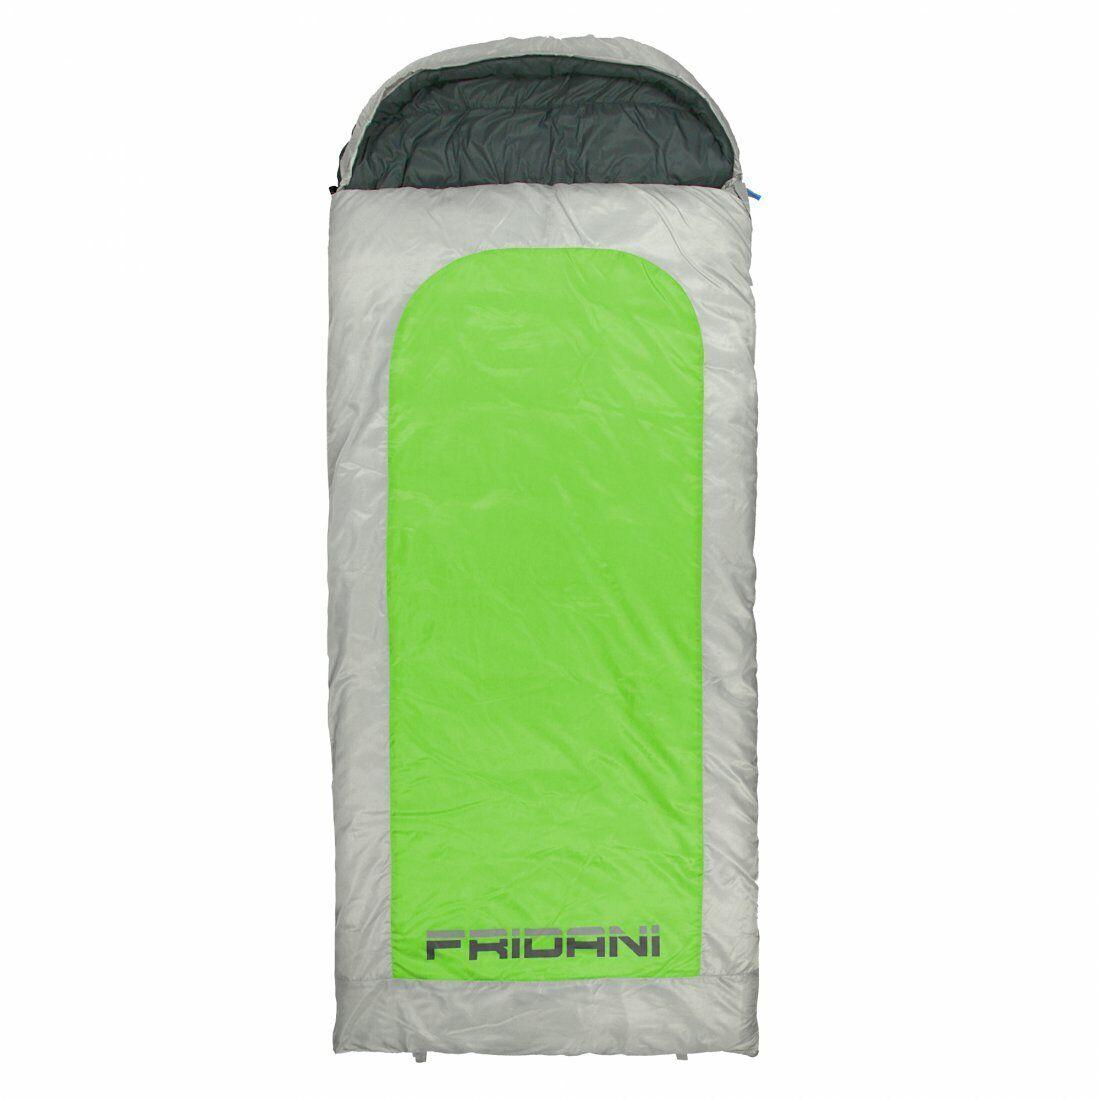 Schlafsack BG 235x110 XXL Deckenschlafsack Grün -22°C wasserabweisend waschbar